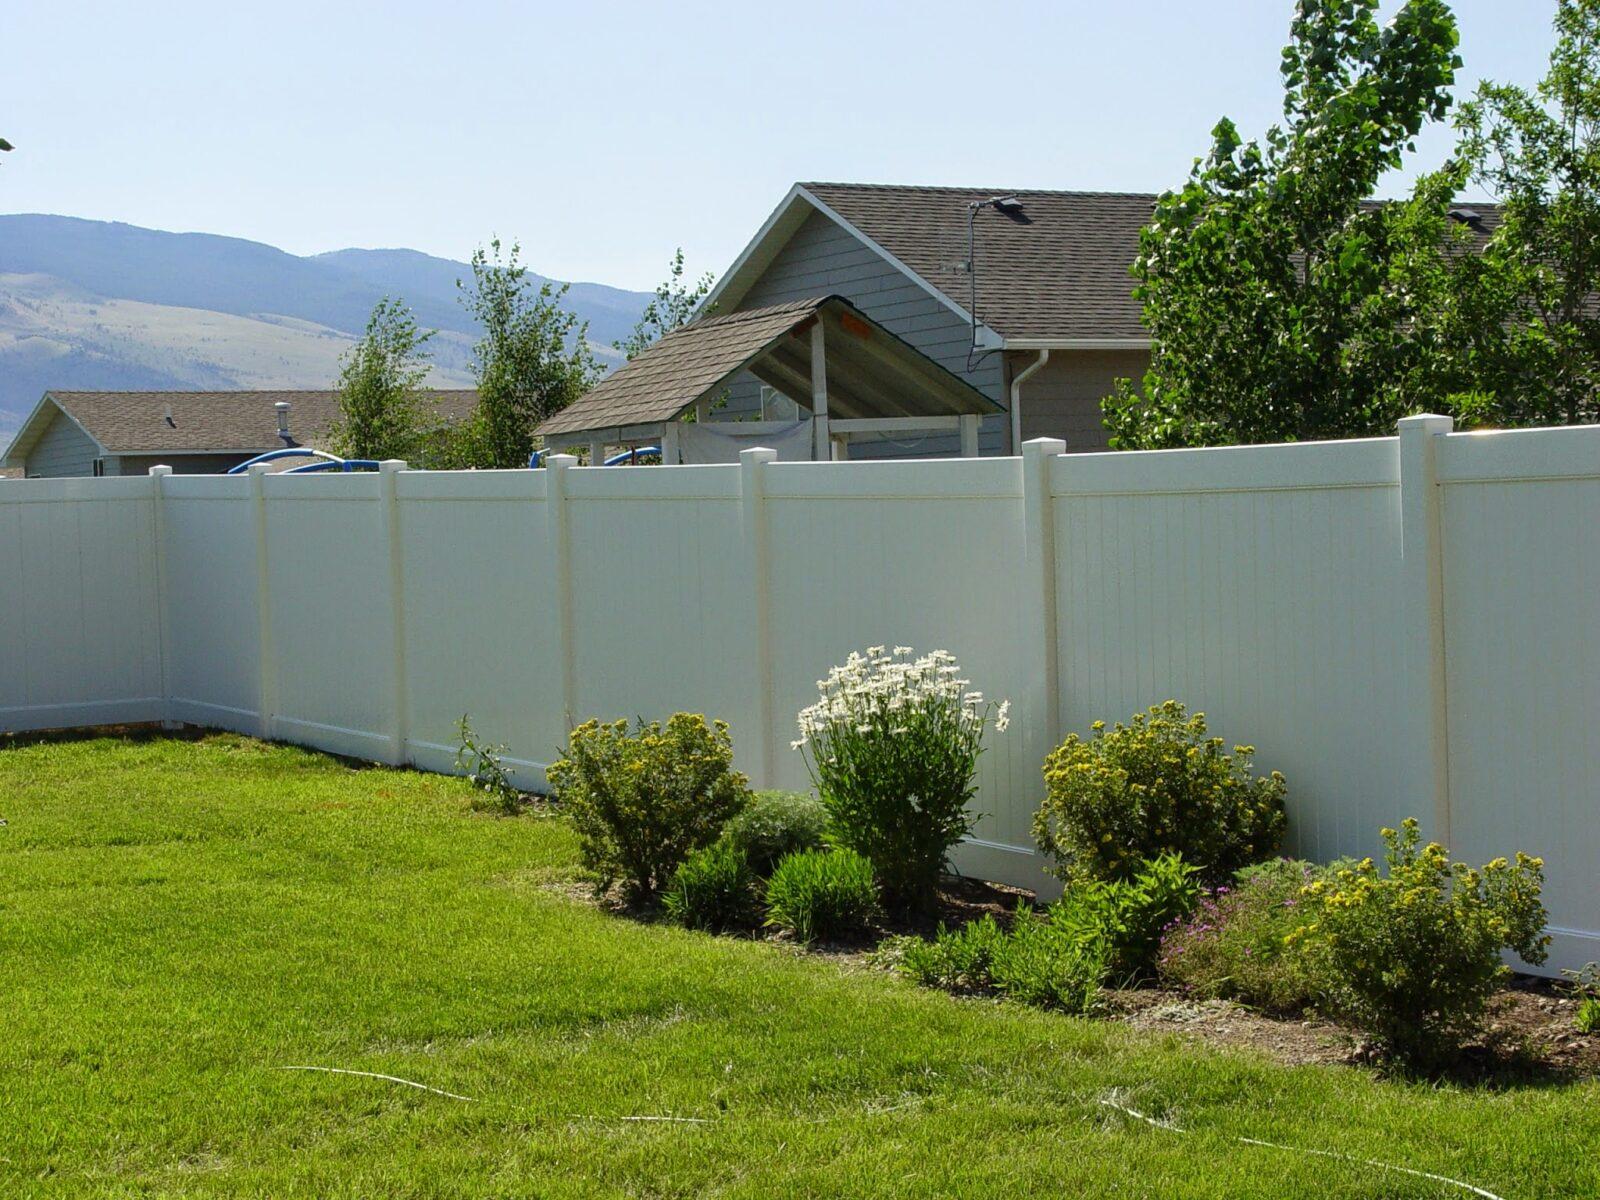 Vinyl Fence Products Spokane Vinyl Fencing Vinyl Fencing